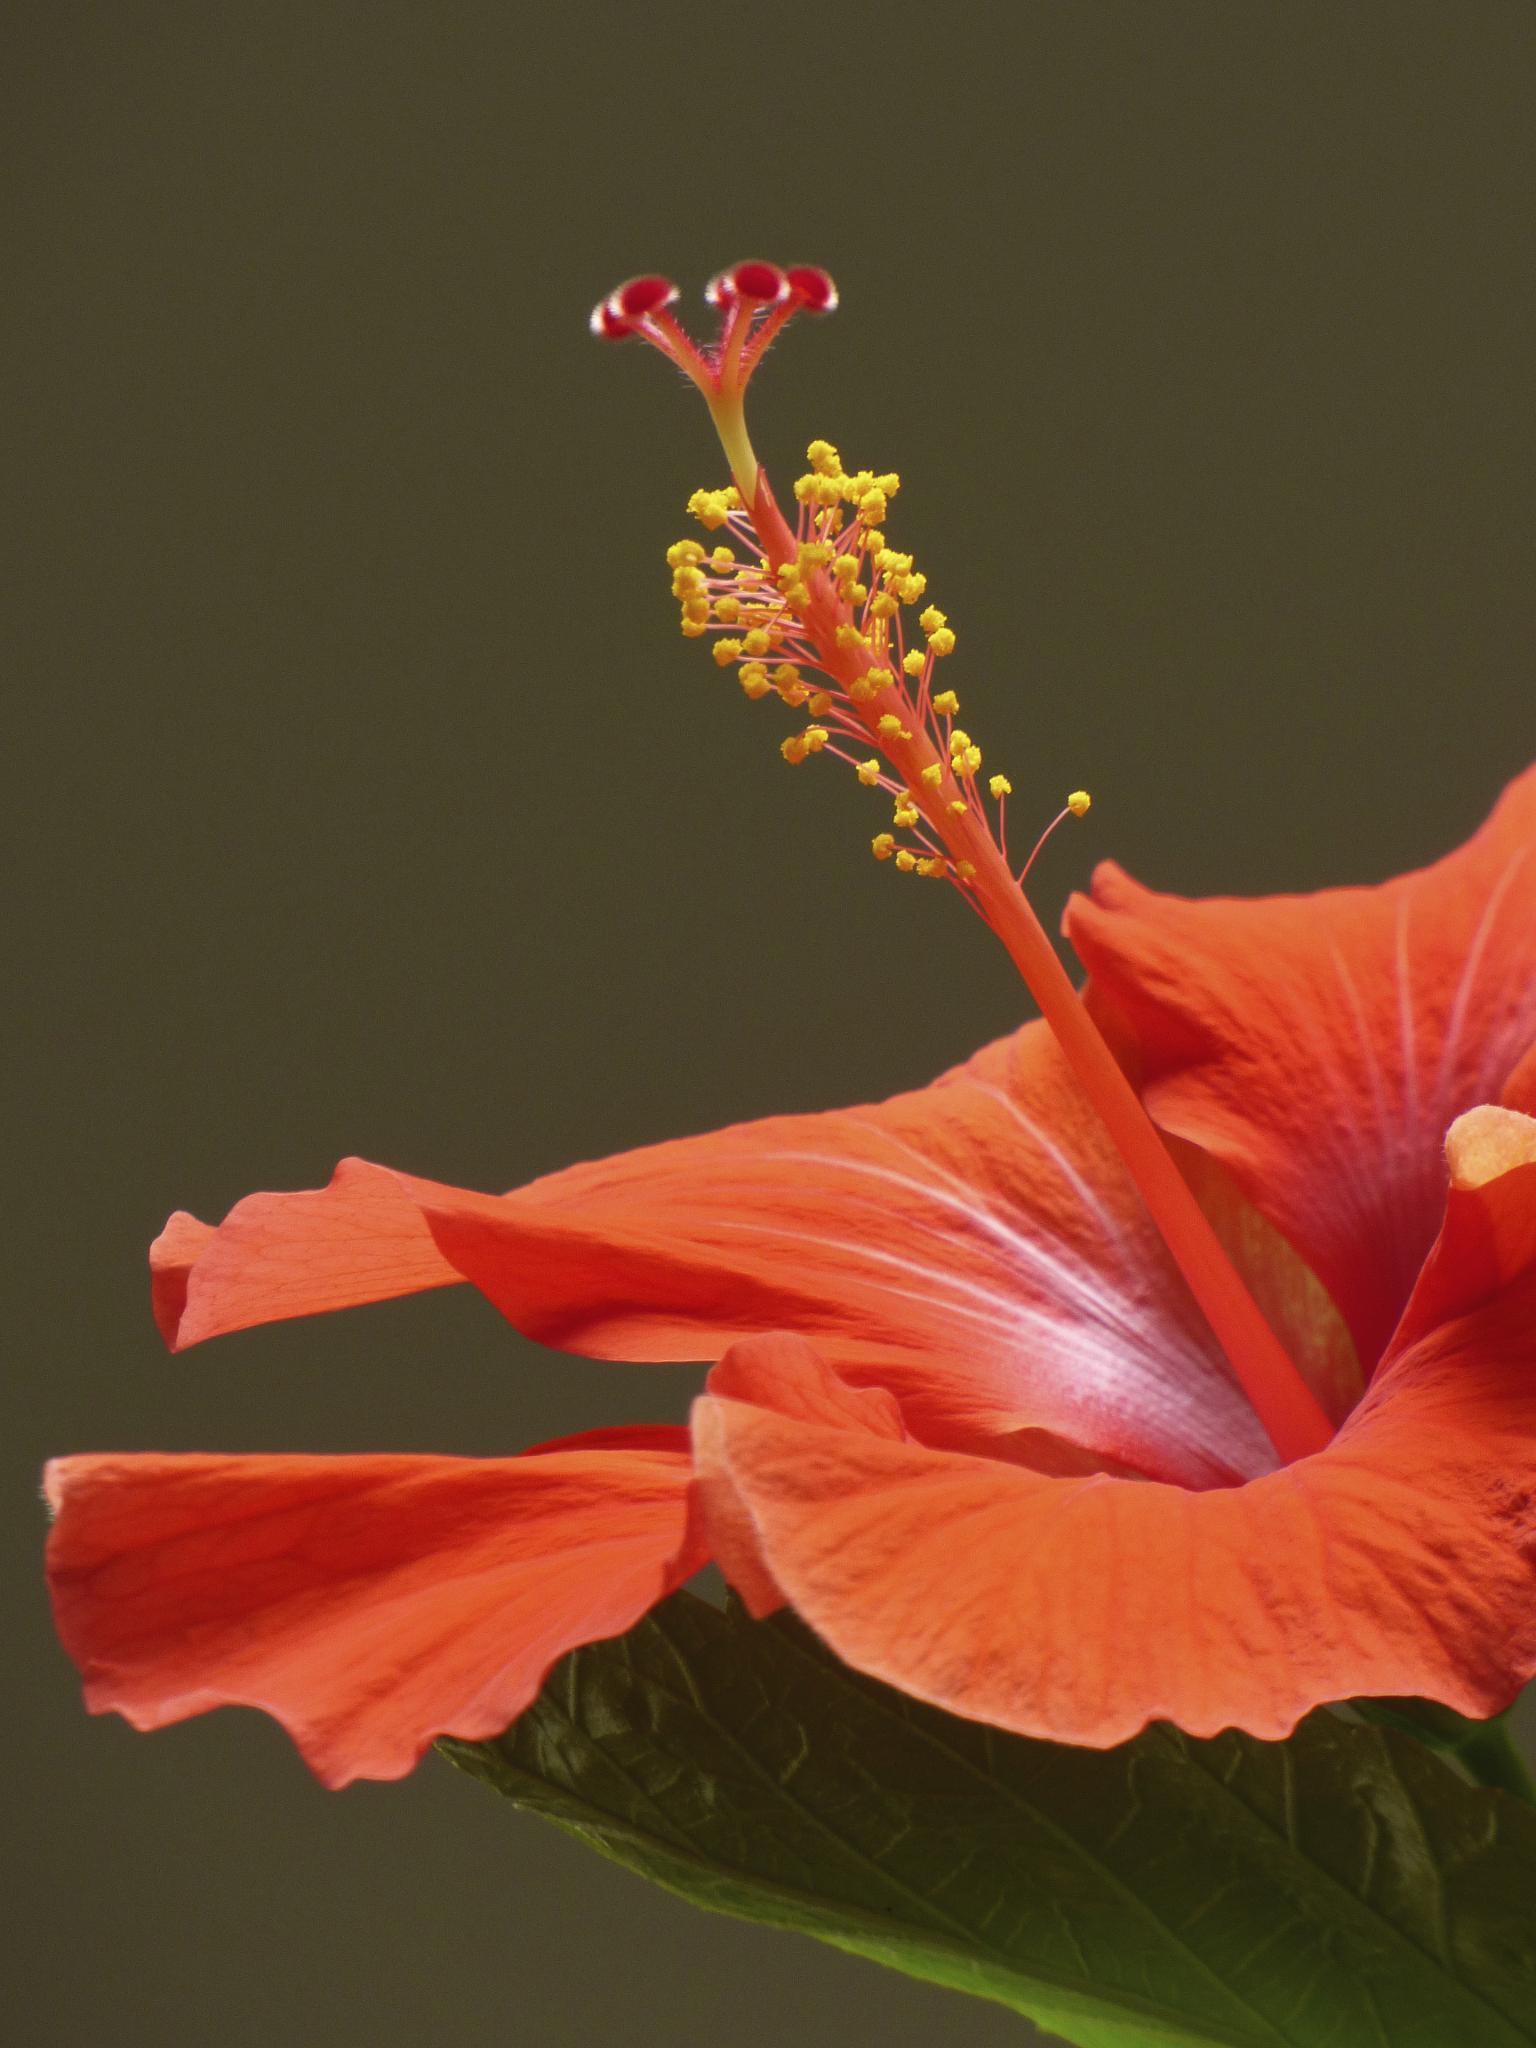 Hibiscus by Hunter Ten Broeck